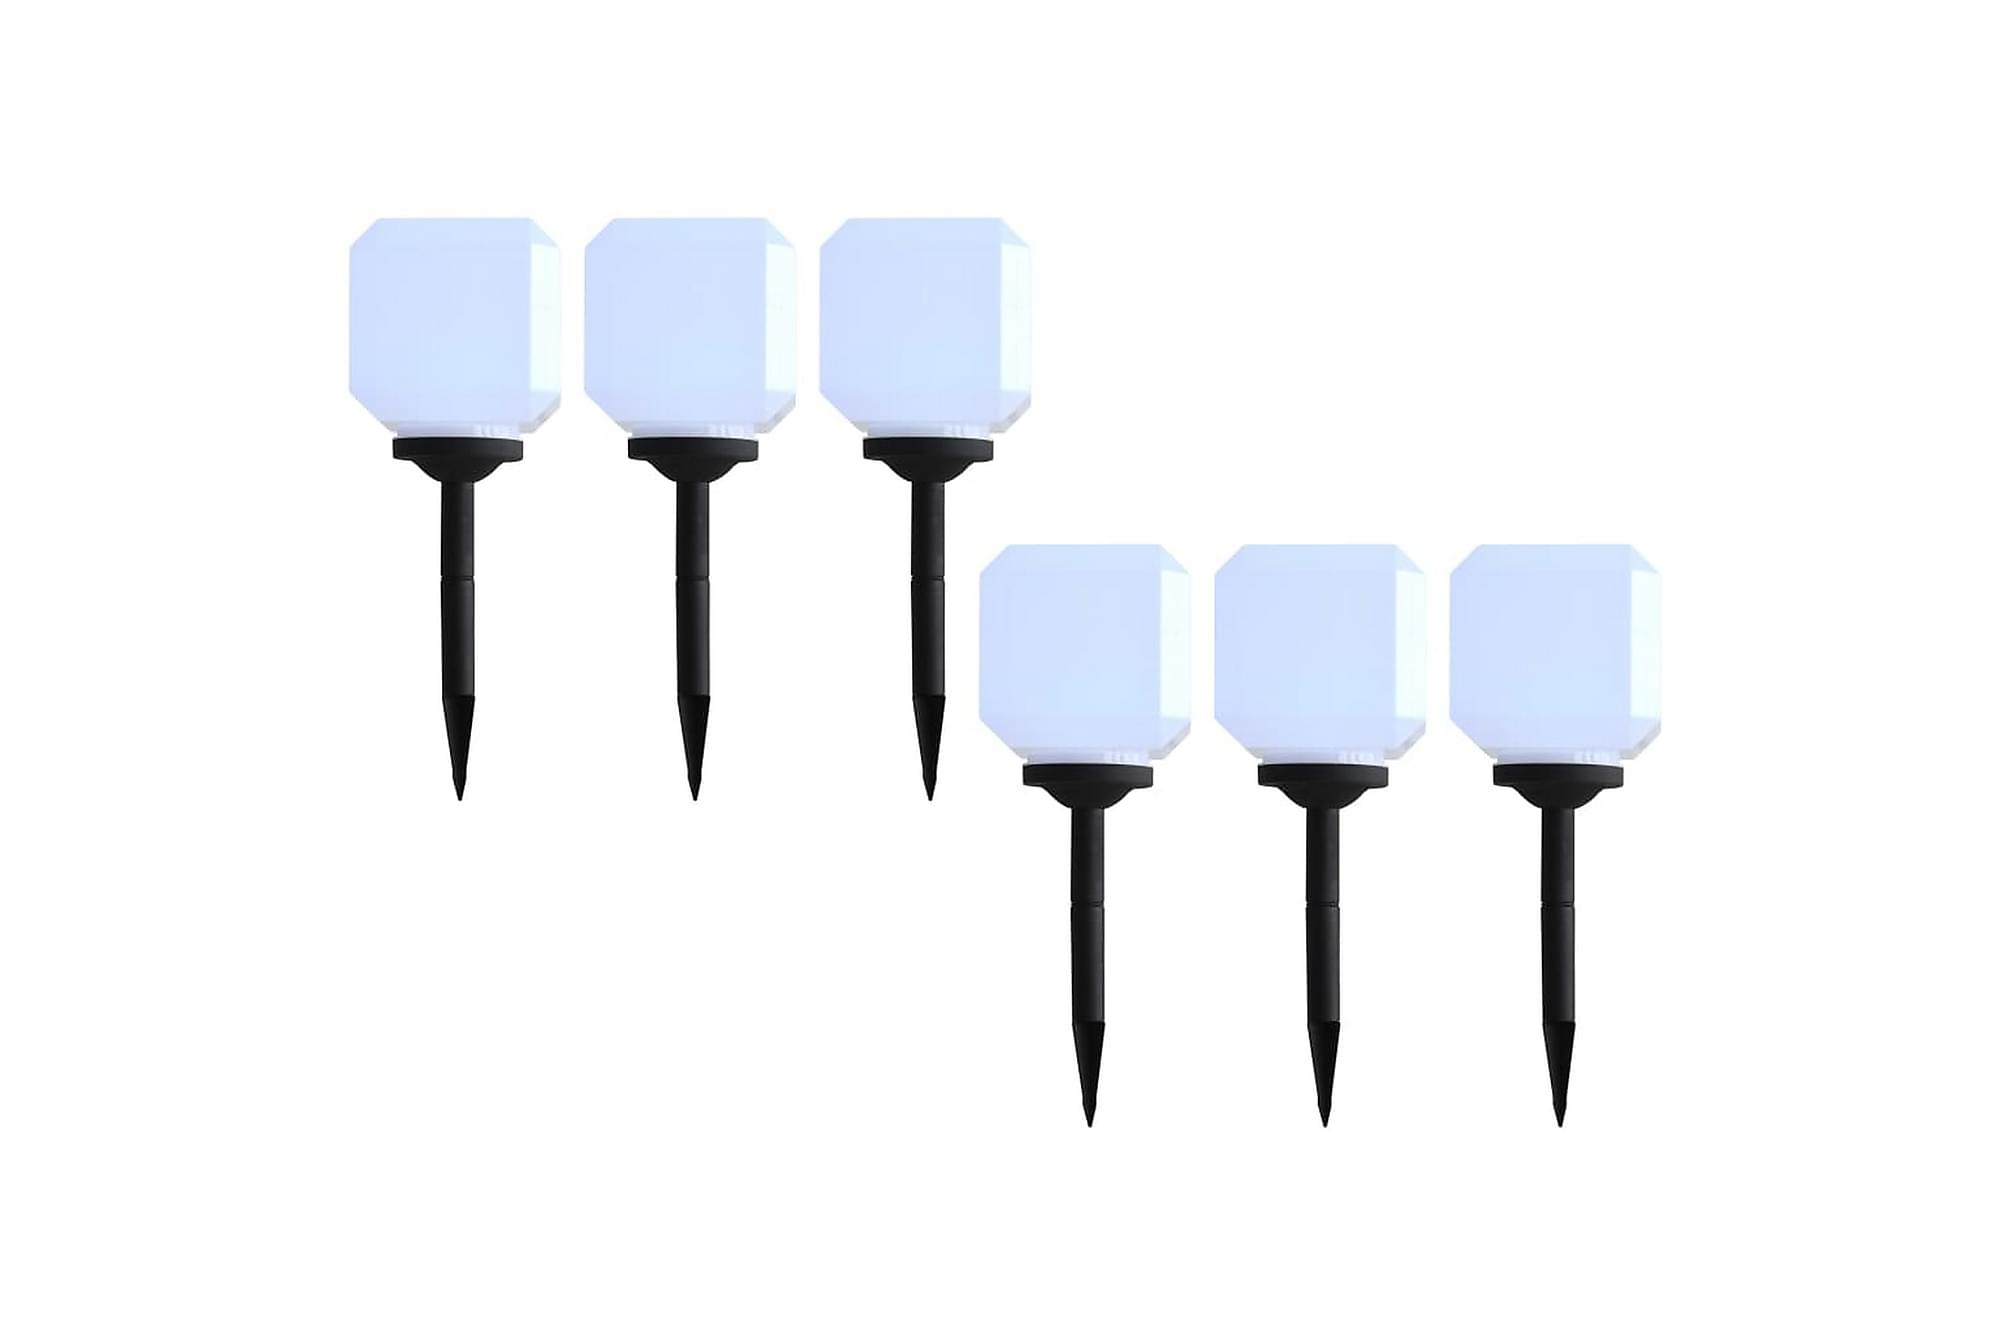 Solcellslampor med LED 6 st kubiska 20 cm vit